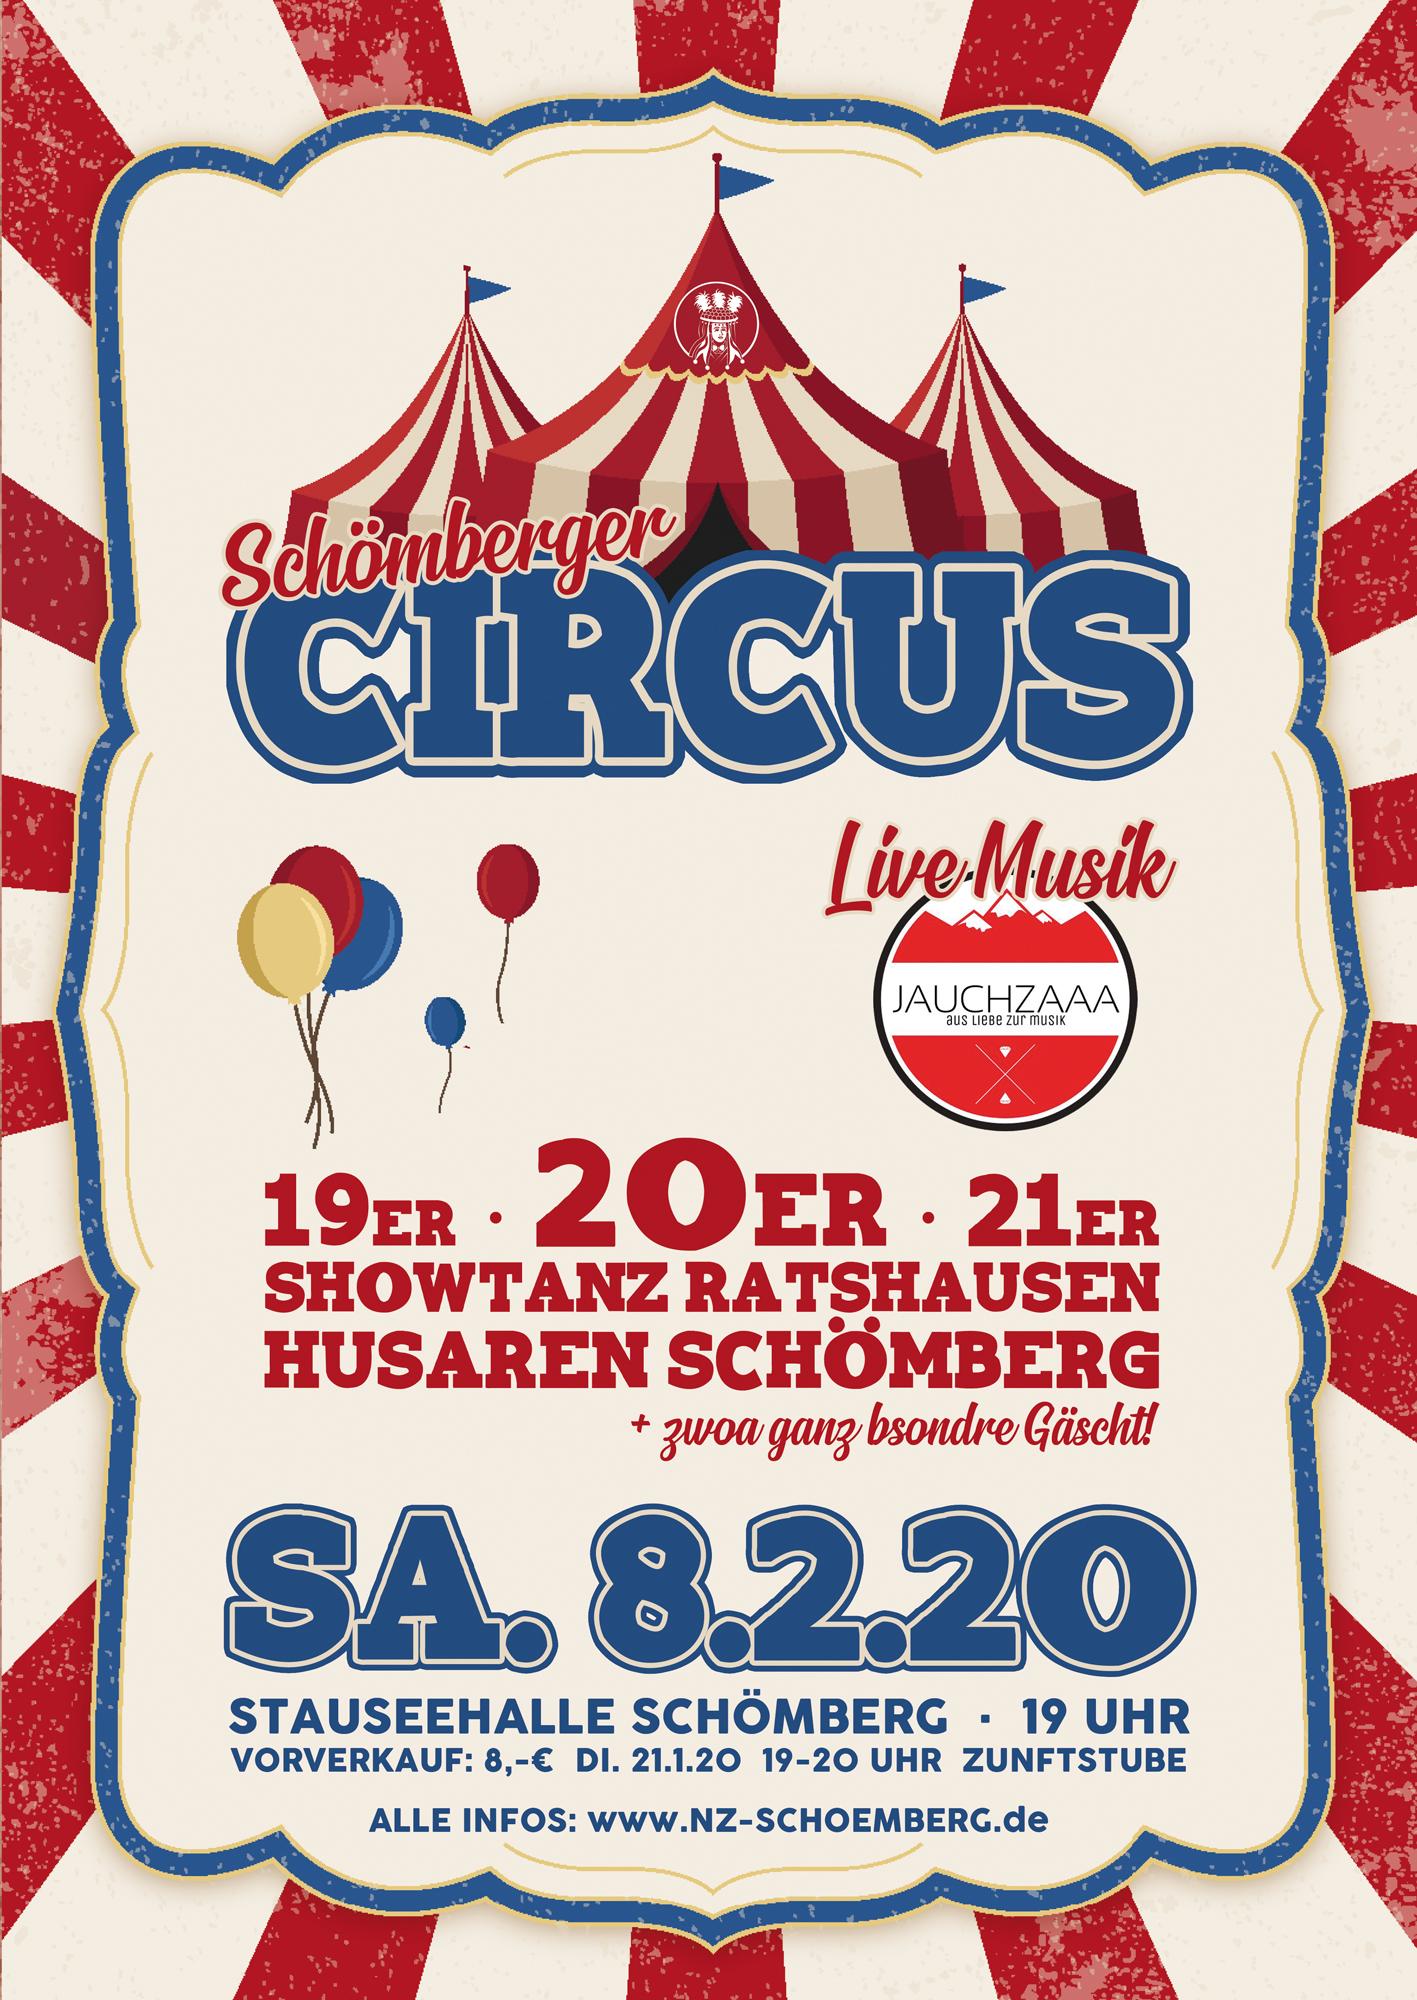 Schömberger Circus 2020 Plakat